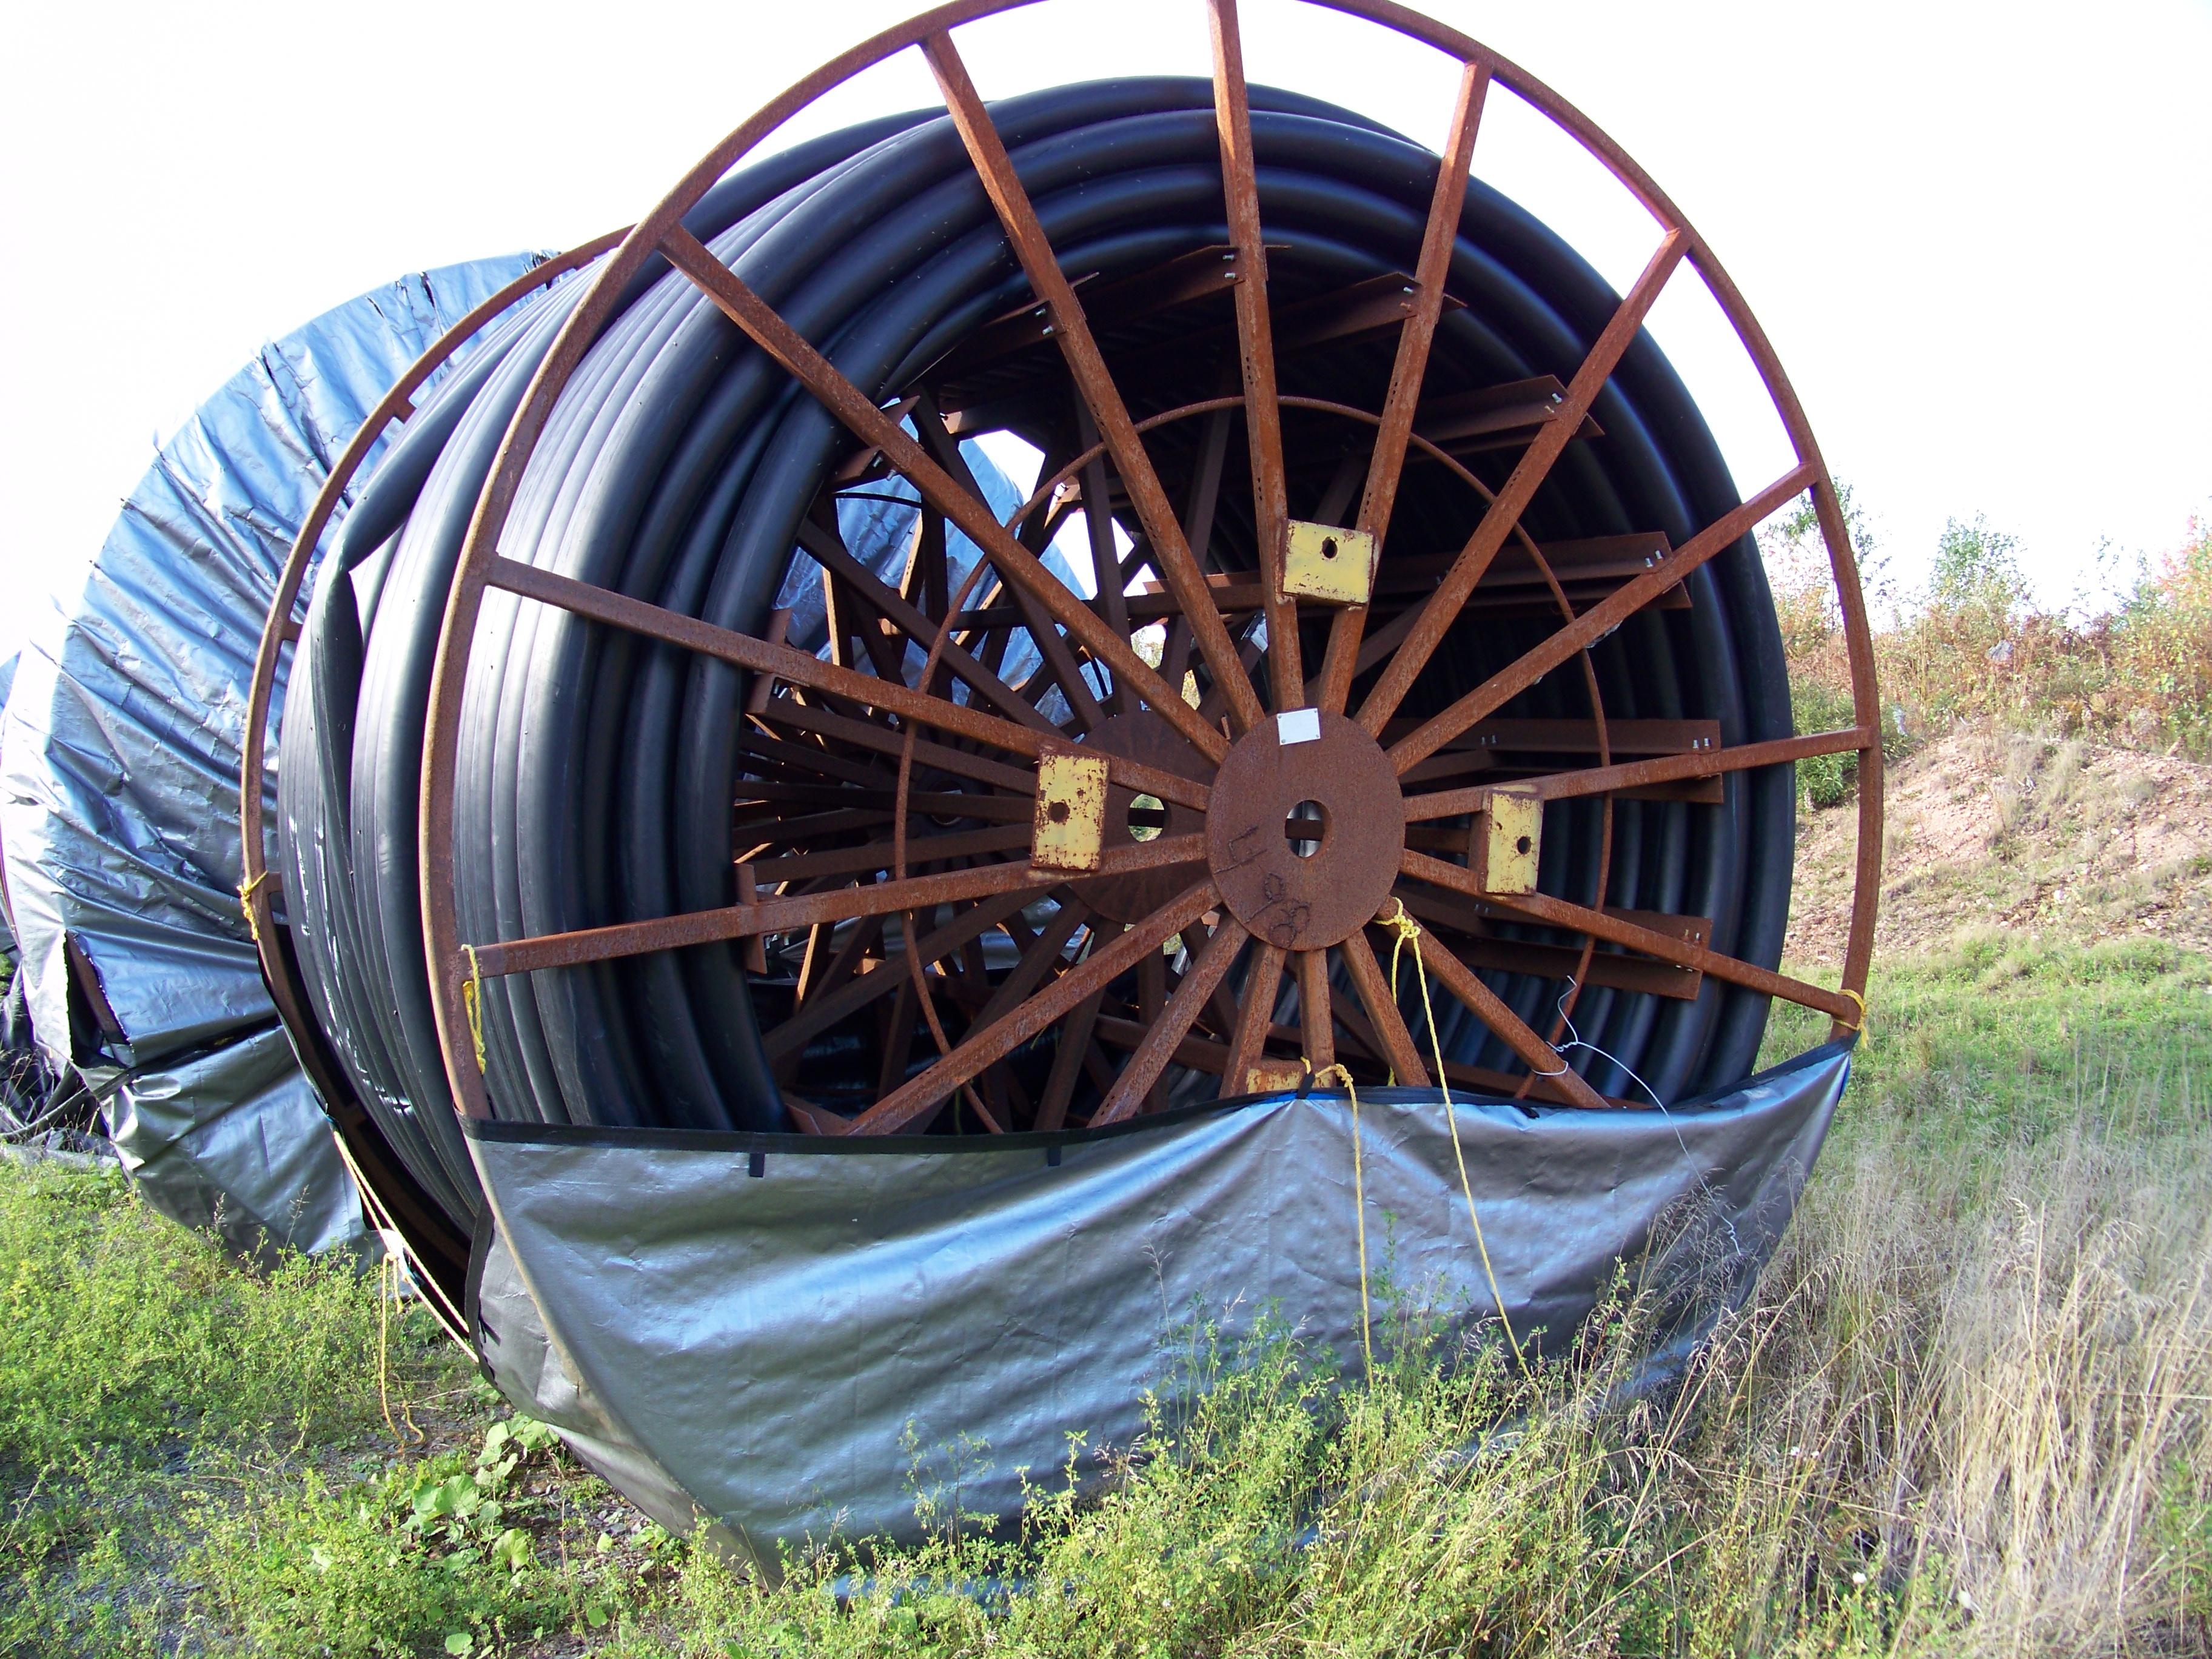 Pipe reels 07 Oct 2012